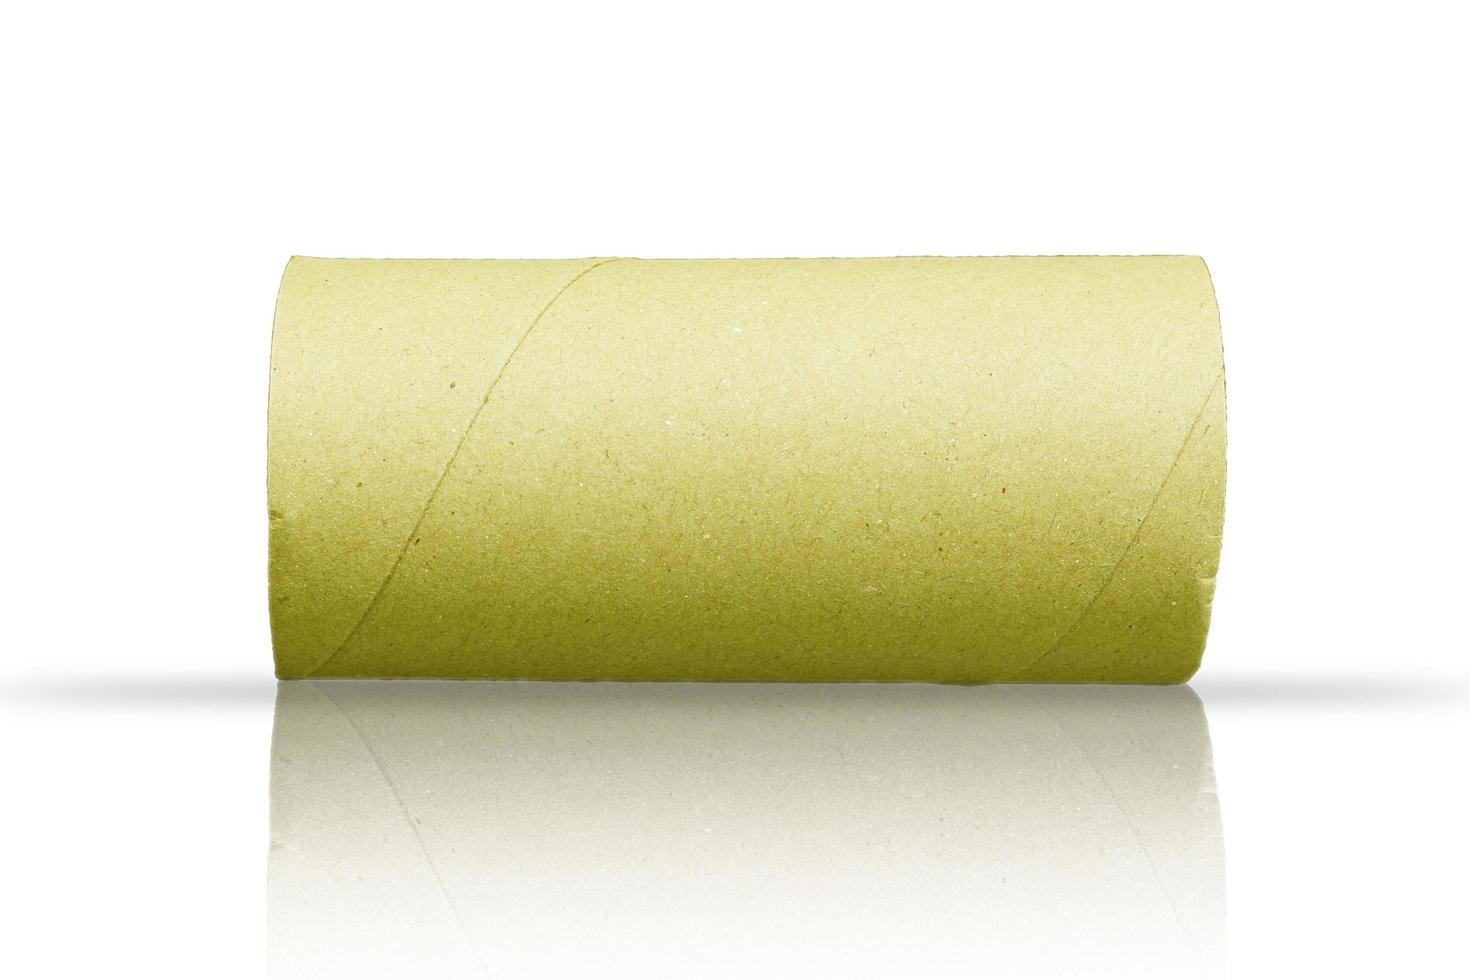 rouleau de papier sur fond blanc photo